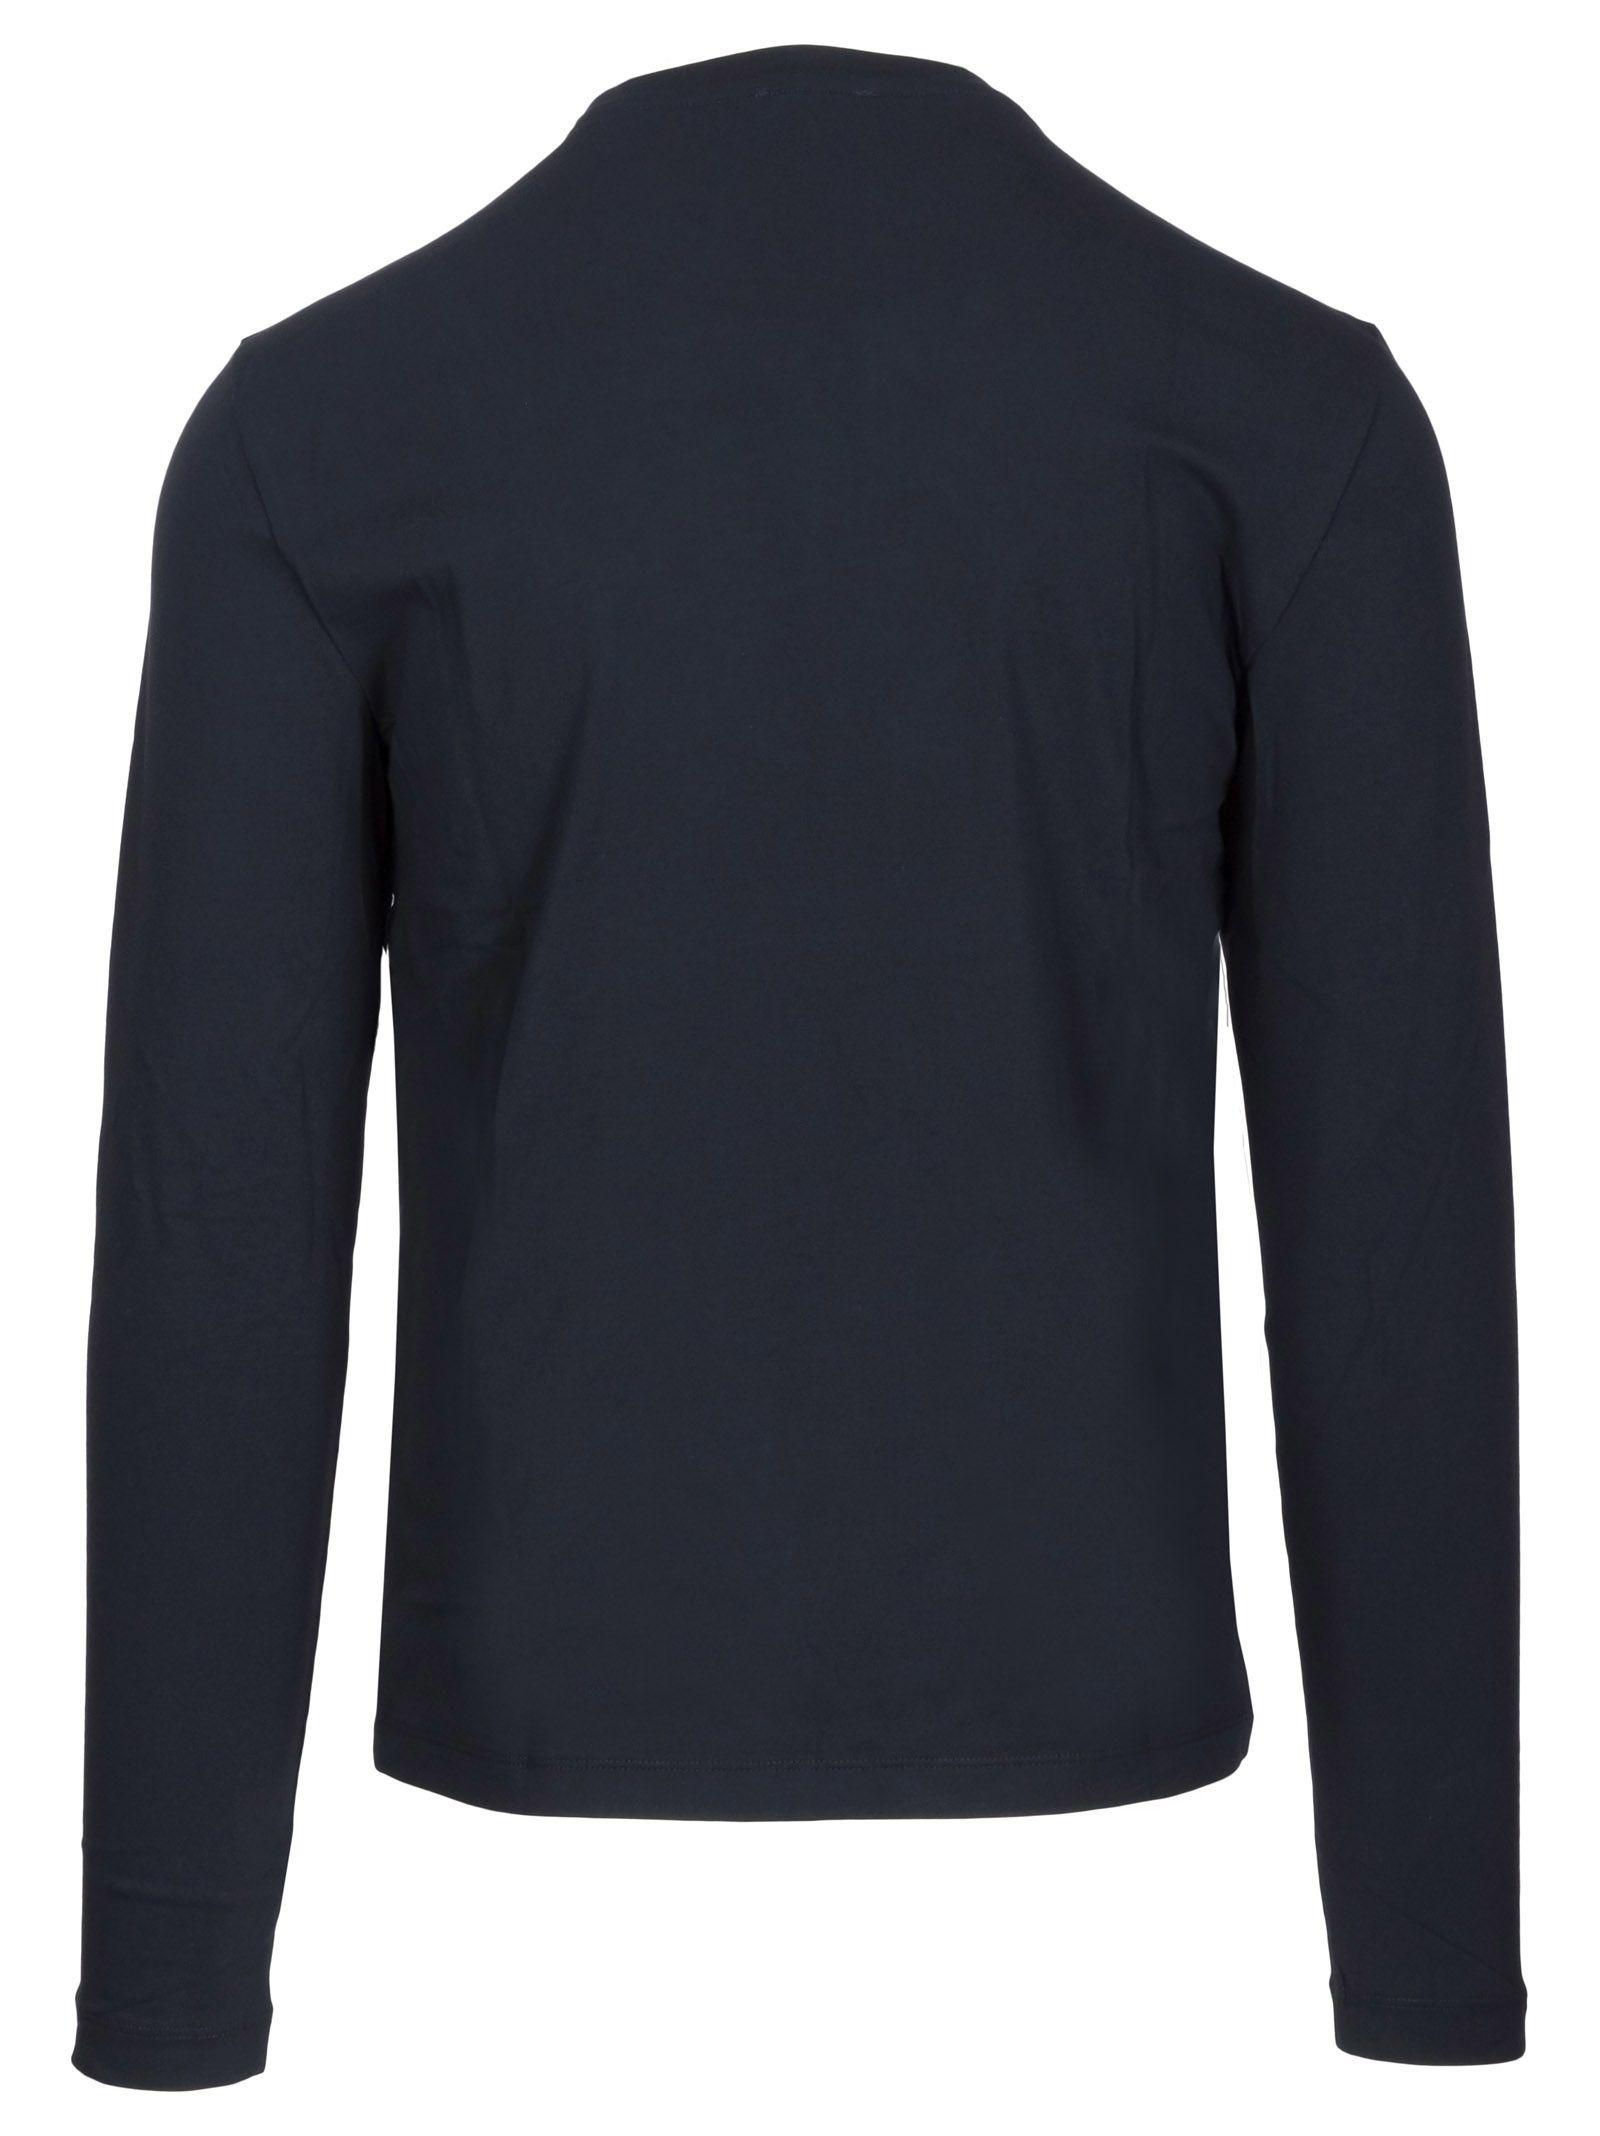 Shoppable Search Tony Perotti Casual Aron Brown 56f33f89ab0dd872de2d6b6b54fd42de